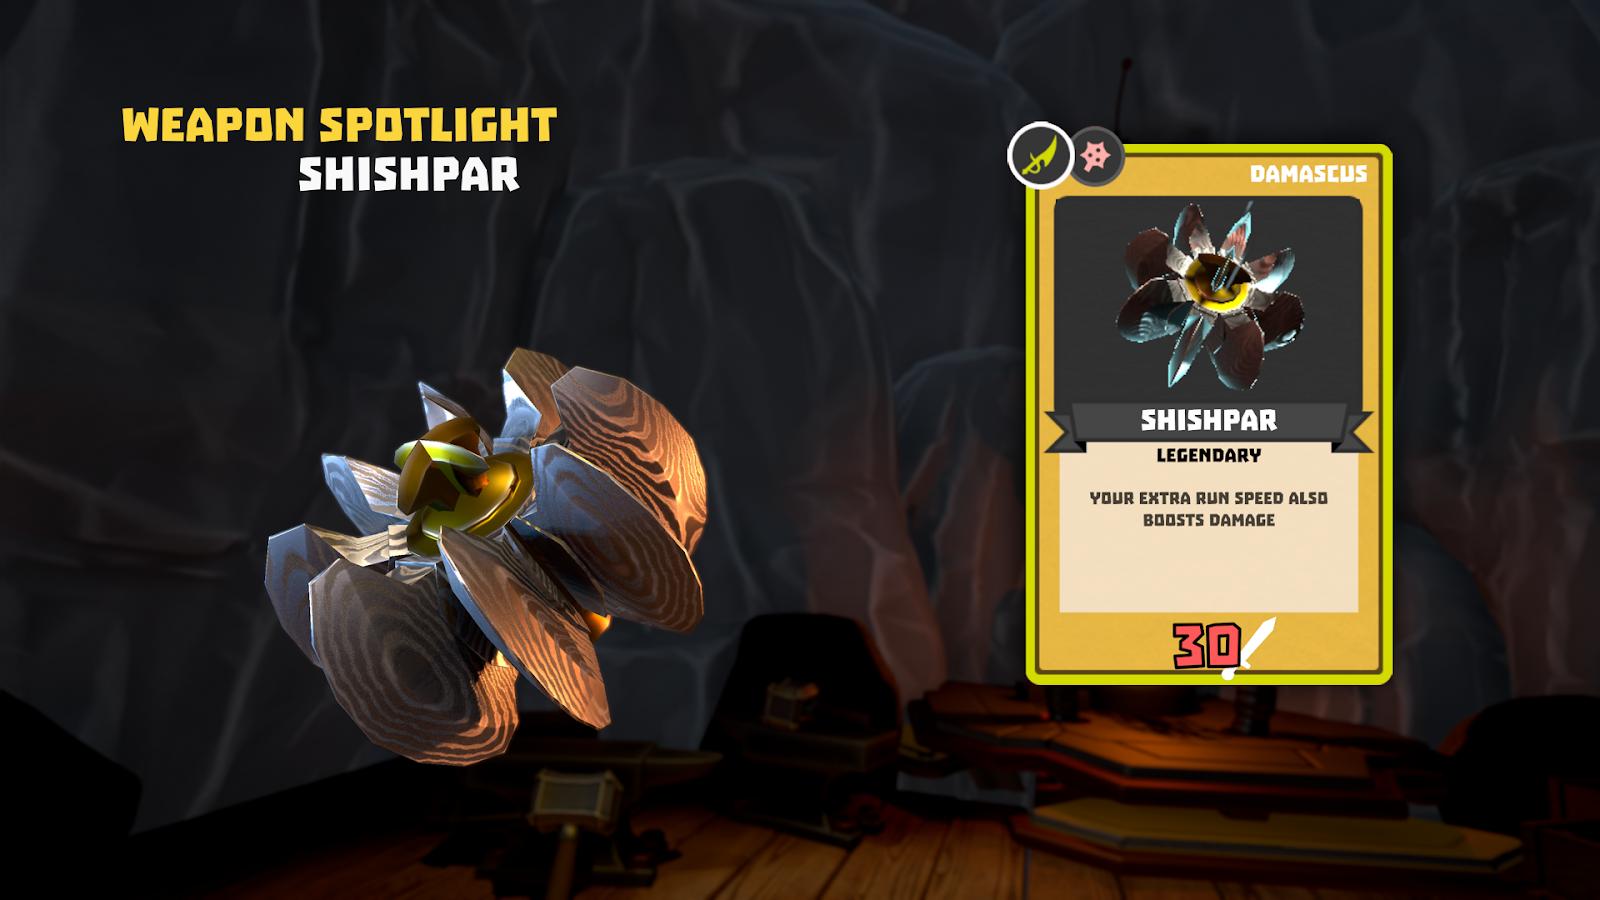 WeaponSpotlightImageShishpar